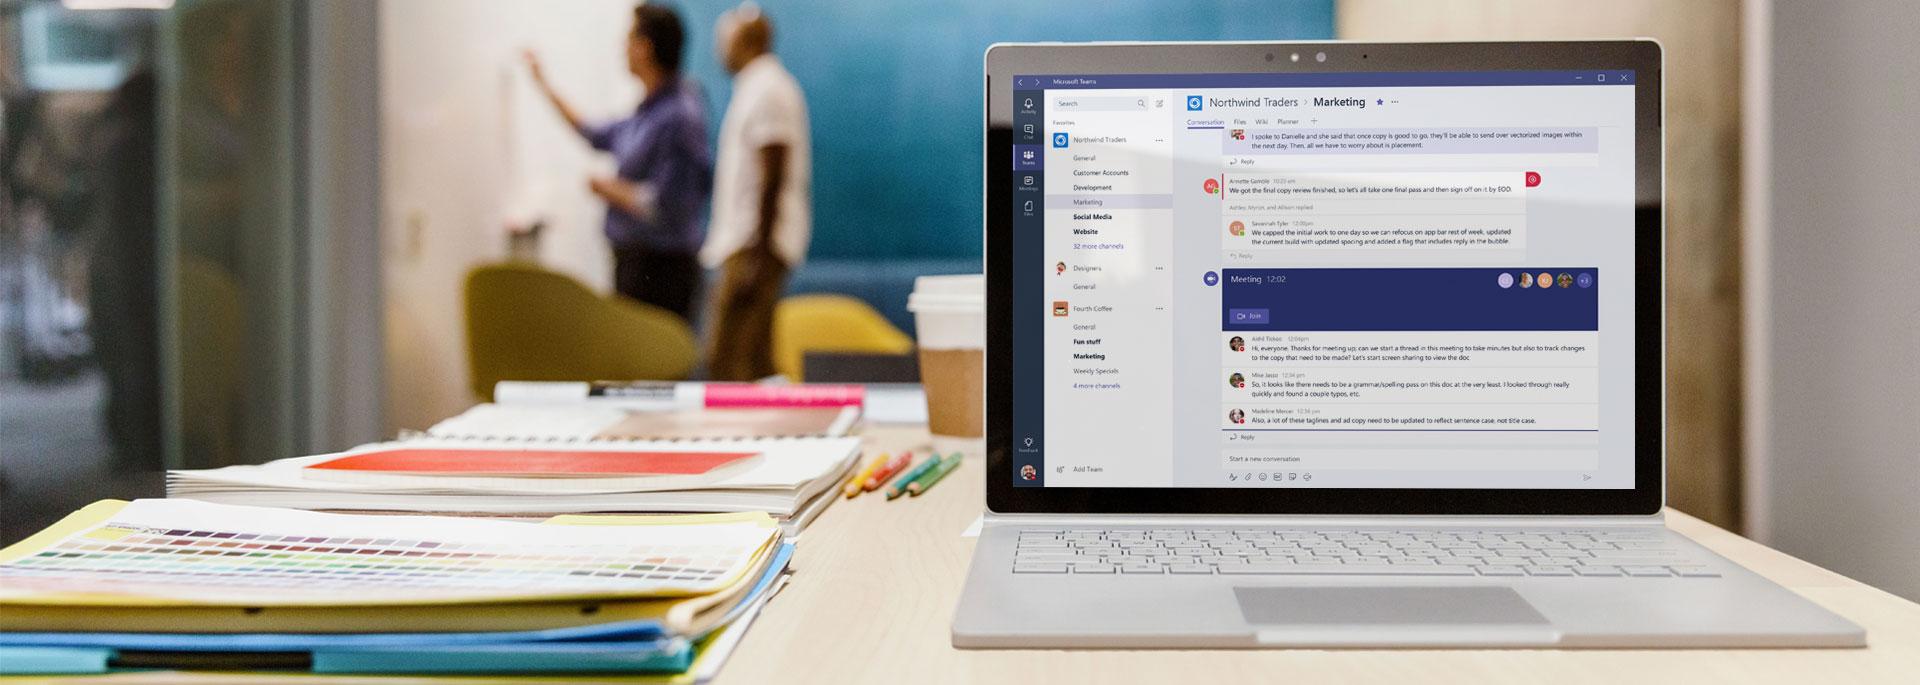 Klēpjdatora ekrāns, kurā redzama Microsoft Teams lietojumprogramma